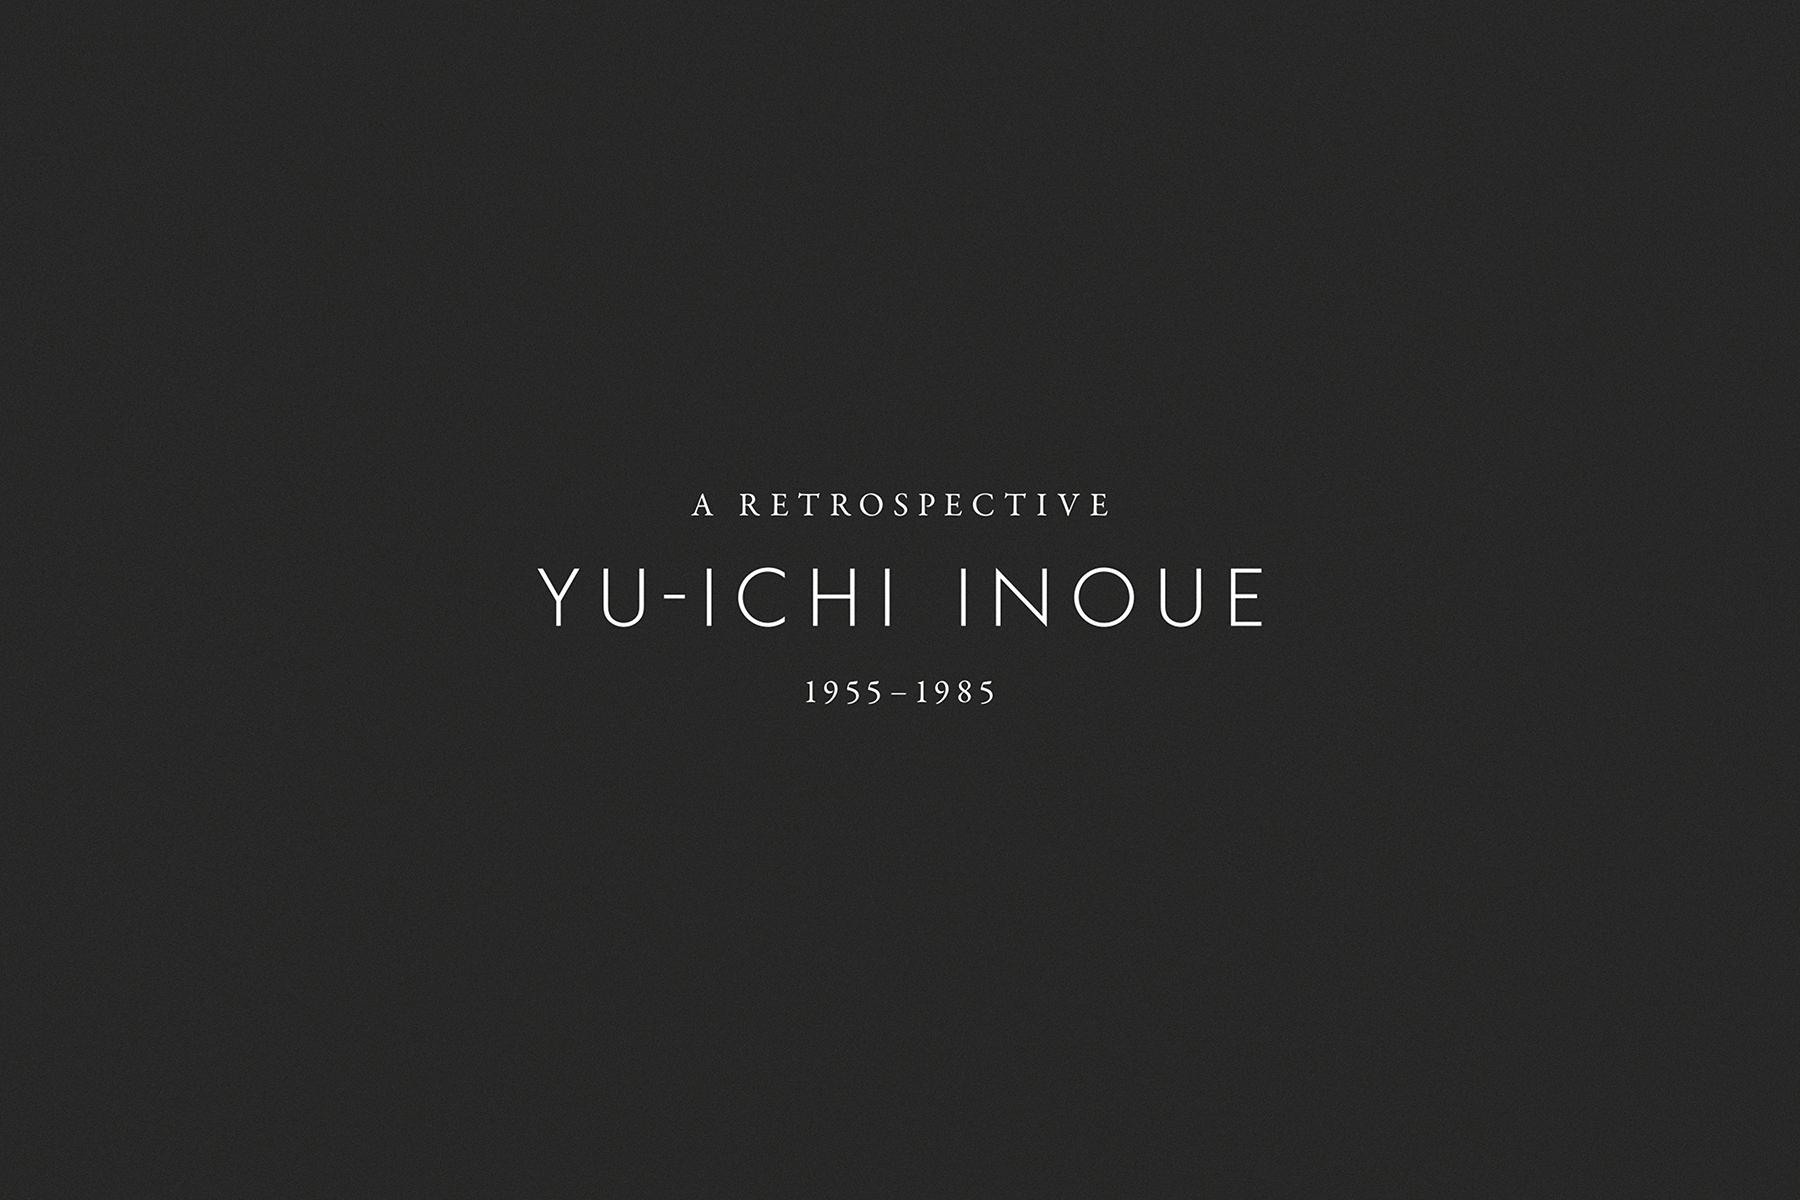 Yuichi_Inoue_01_00_1800.jpg